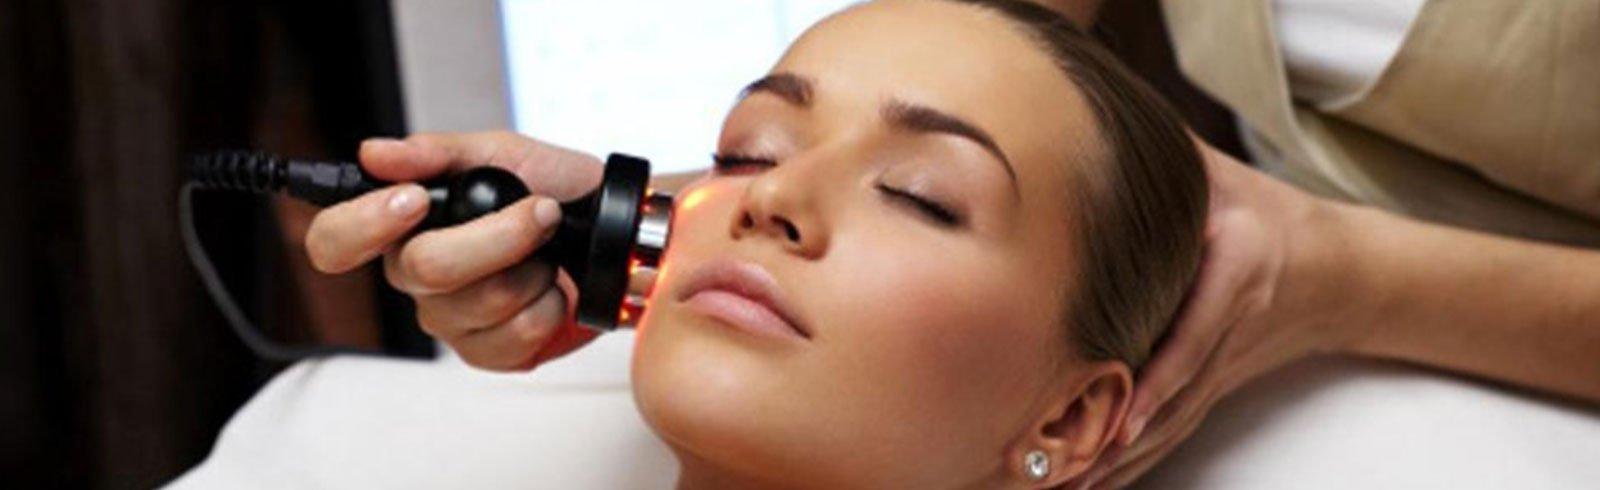 una donna che fa un trattamento al viso